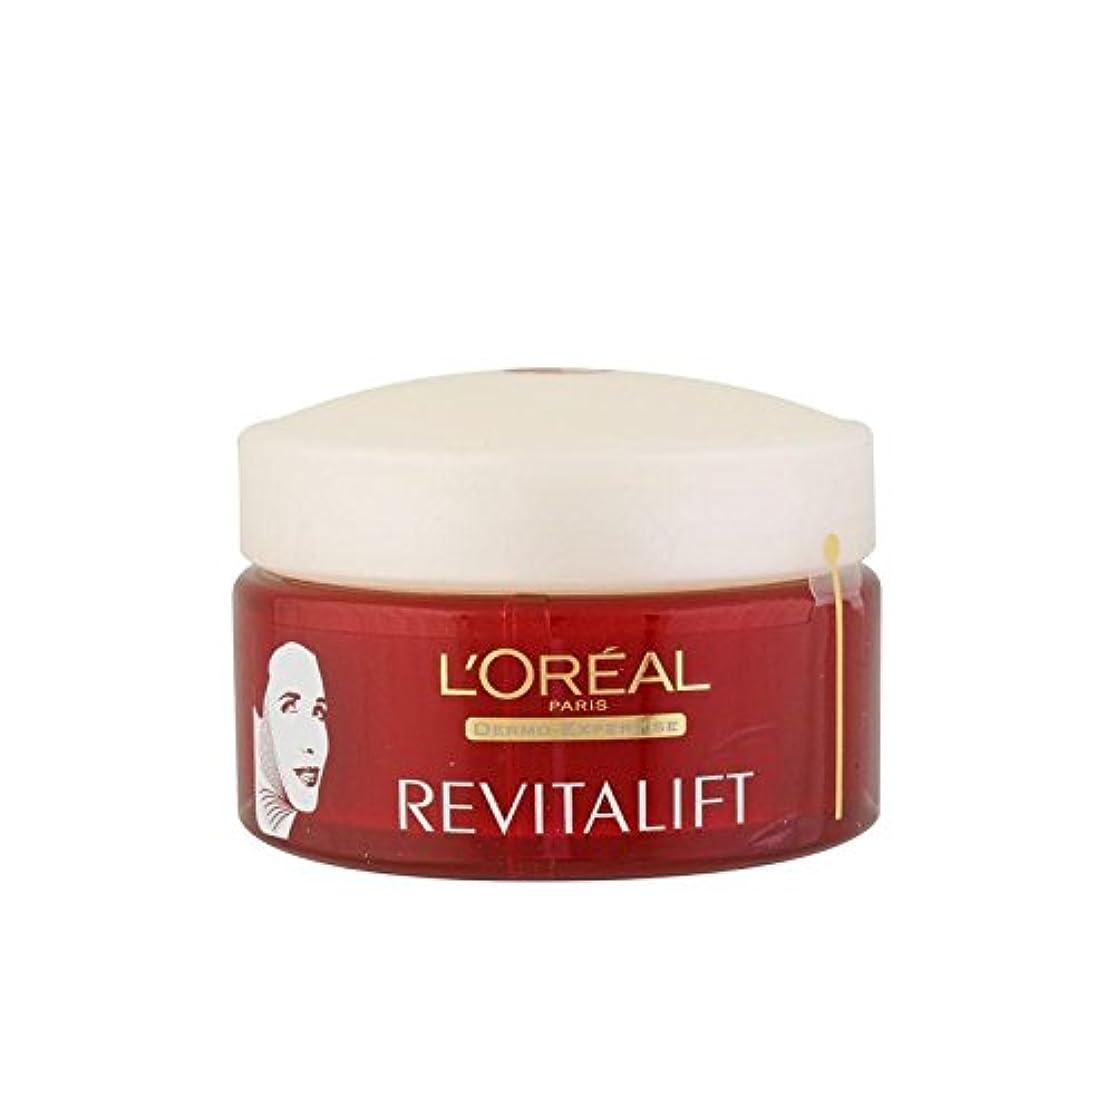 軽蔑するレガシー教授L'Oreal Paris Dermo Expertise Revitalift Face Contours And Neck Re-Support Cream (50ml) - ロレアルパリ?ダーモ専門知識顔の輪郭や首...